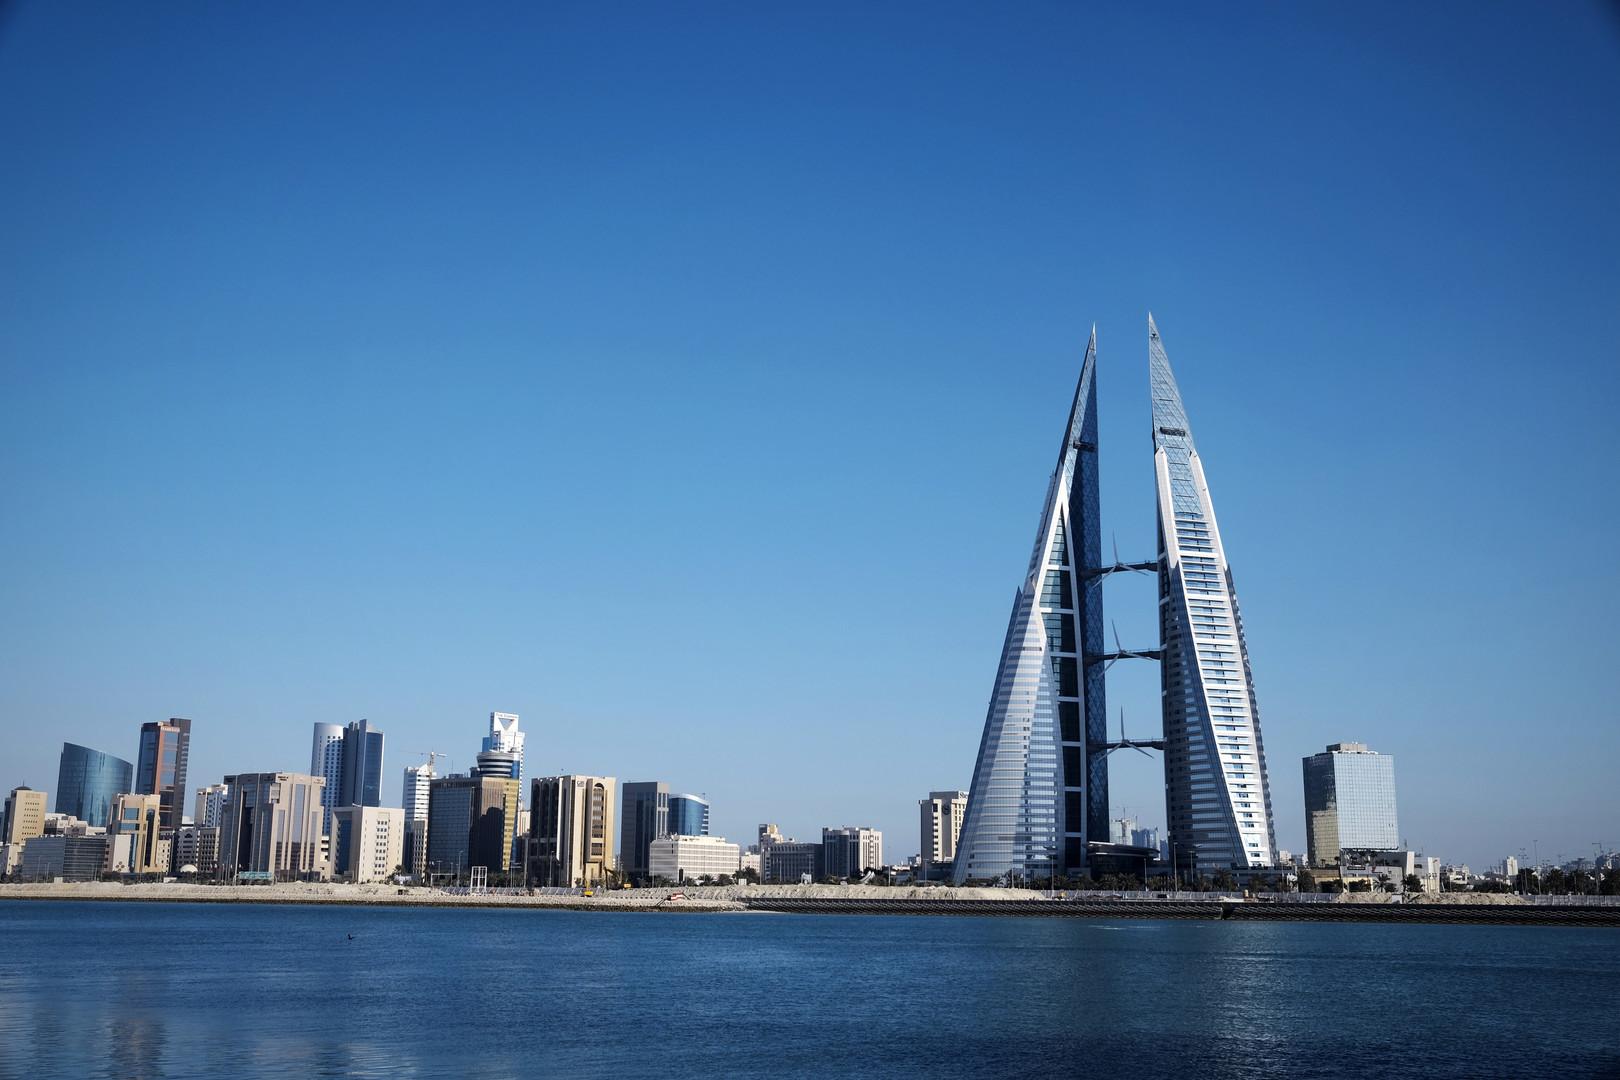 مسؤول إسرائيلي: سنشارك في مؤتمر البحرين حول خطة السلام الأمريكية